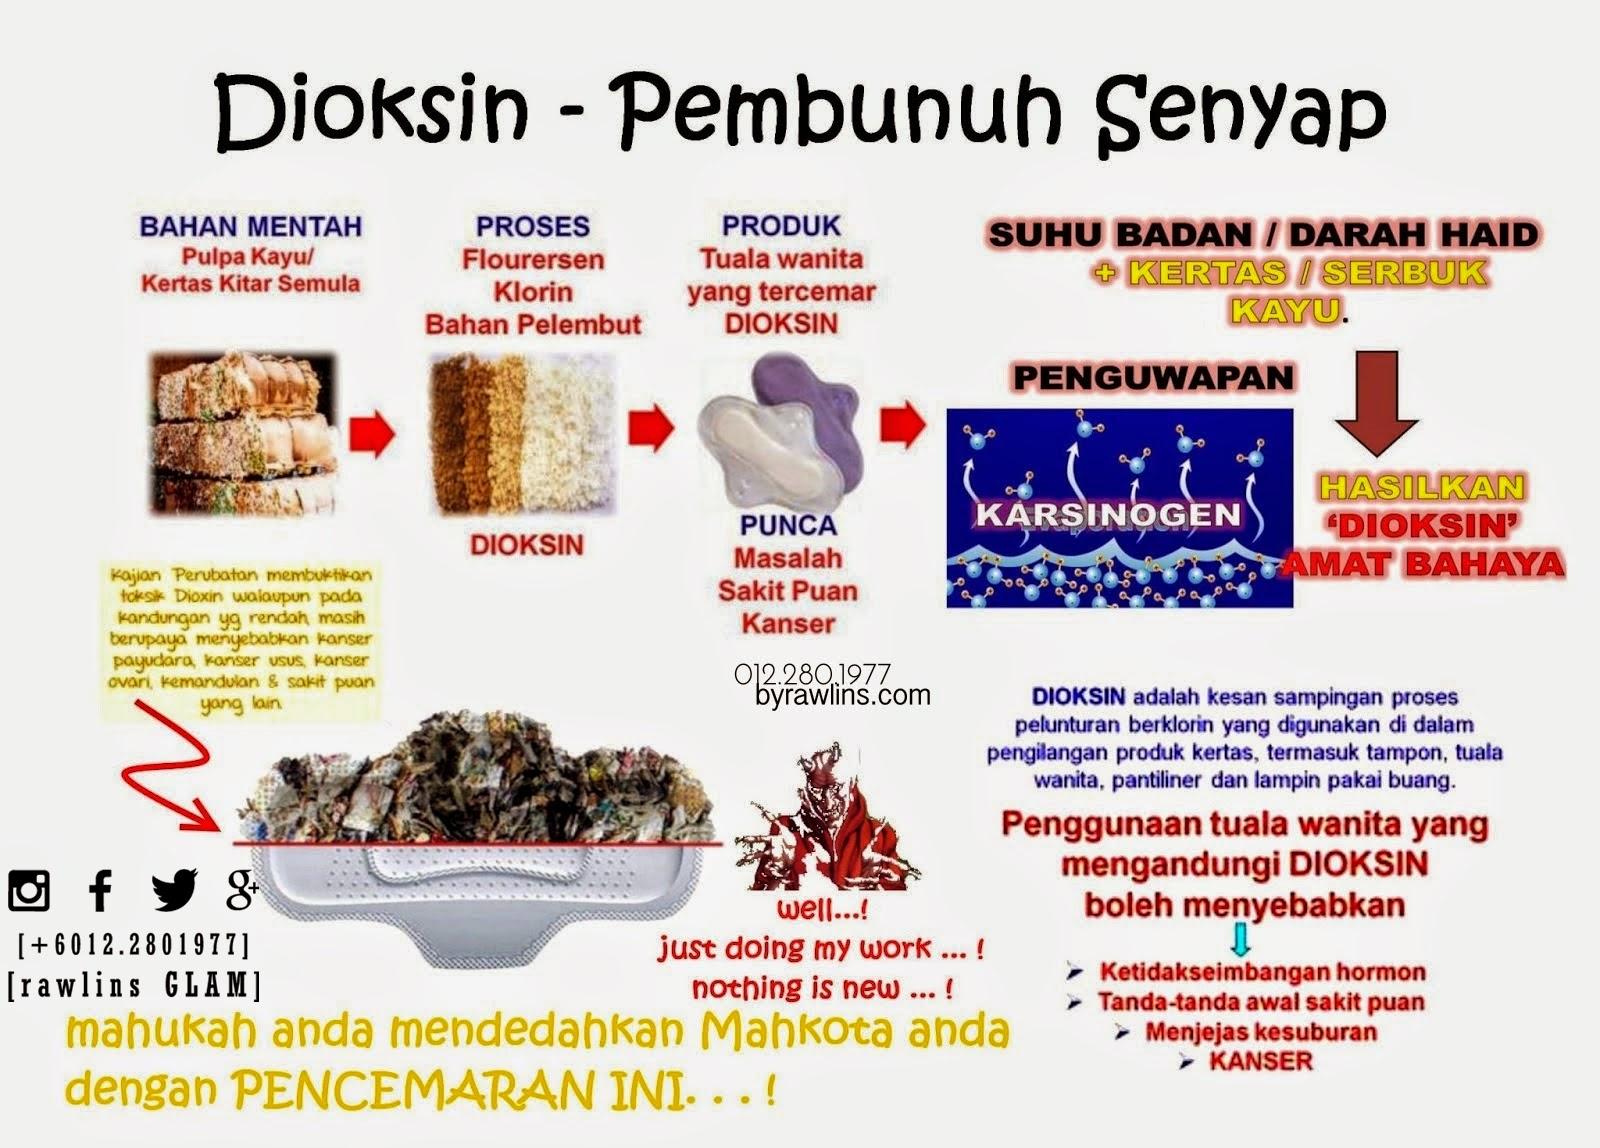 dioxin, bio seleza, tuala wanita, sanitary pads, kanser serviks, cervical cancer, byrawlins, vagina, miss v